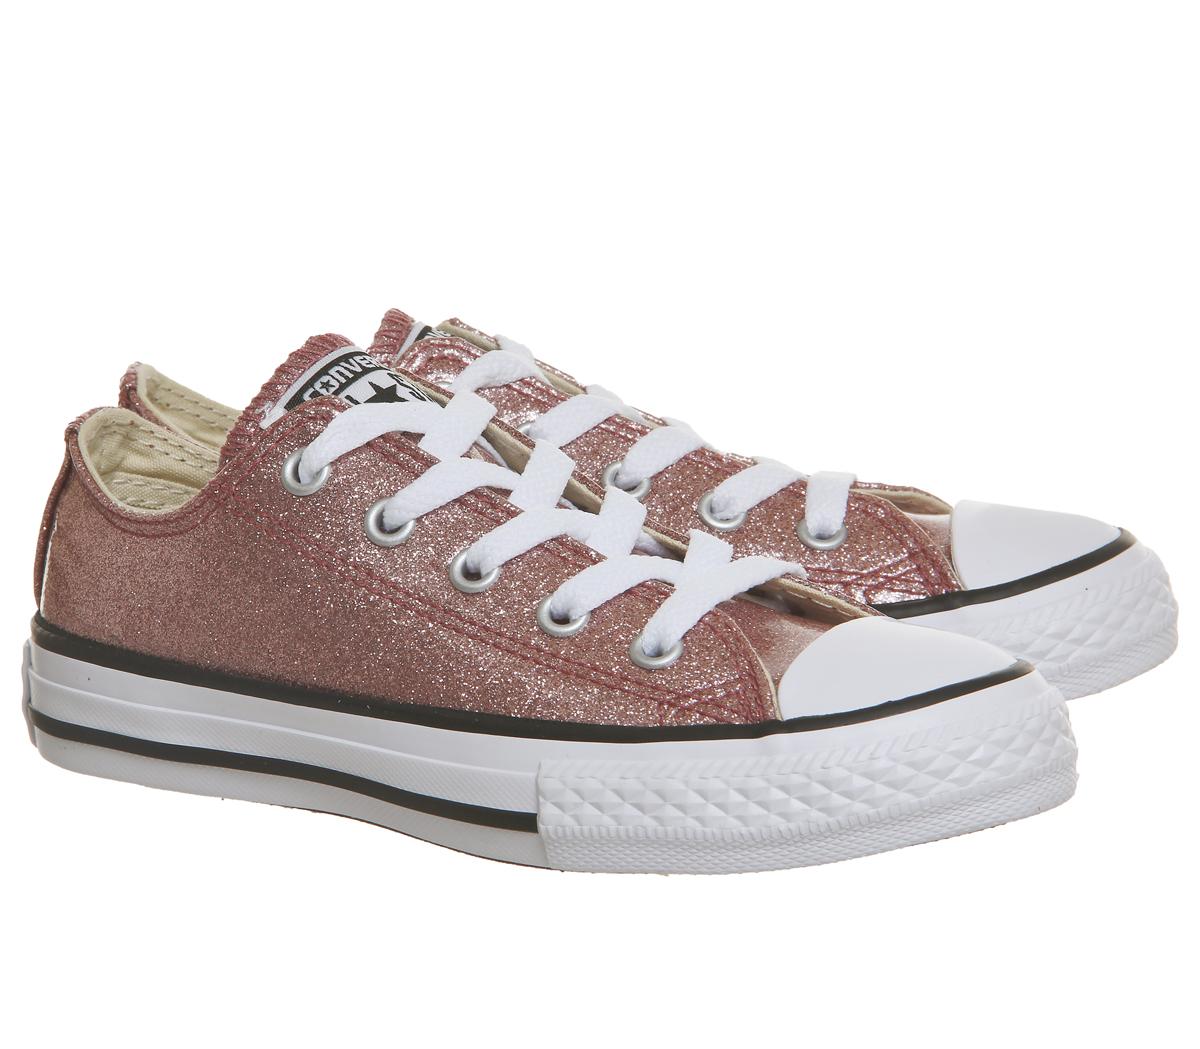 820a849c33b converse rosa glitter Sale